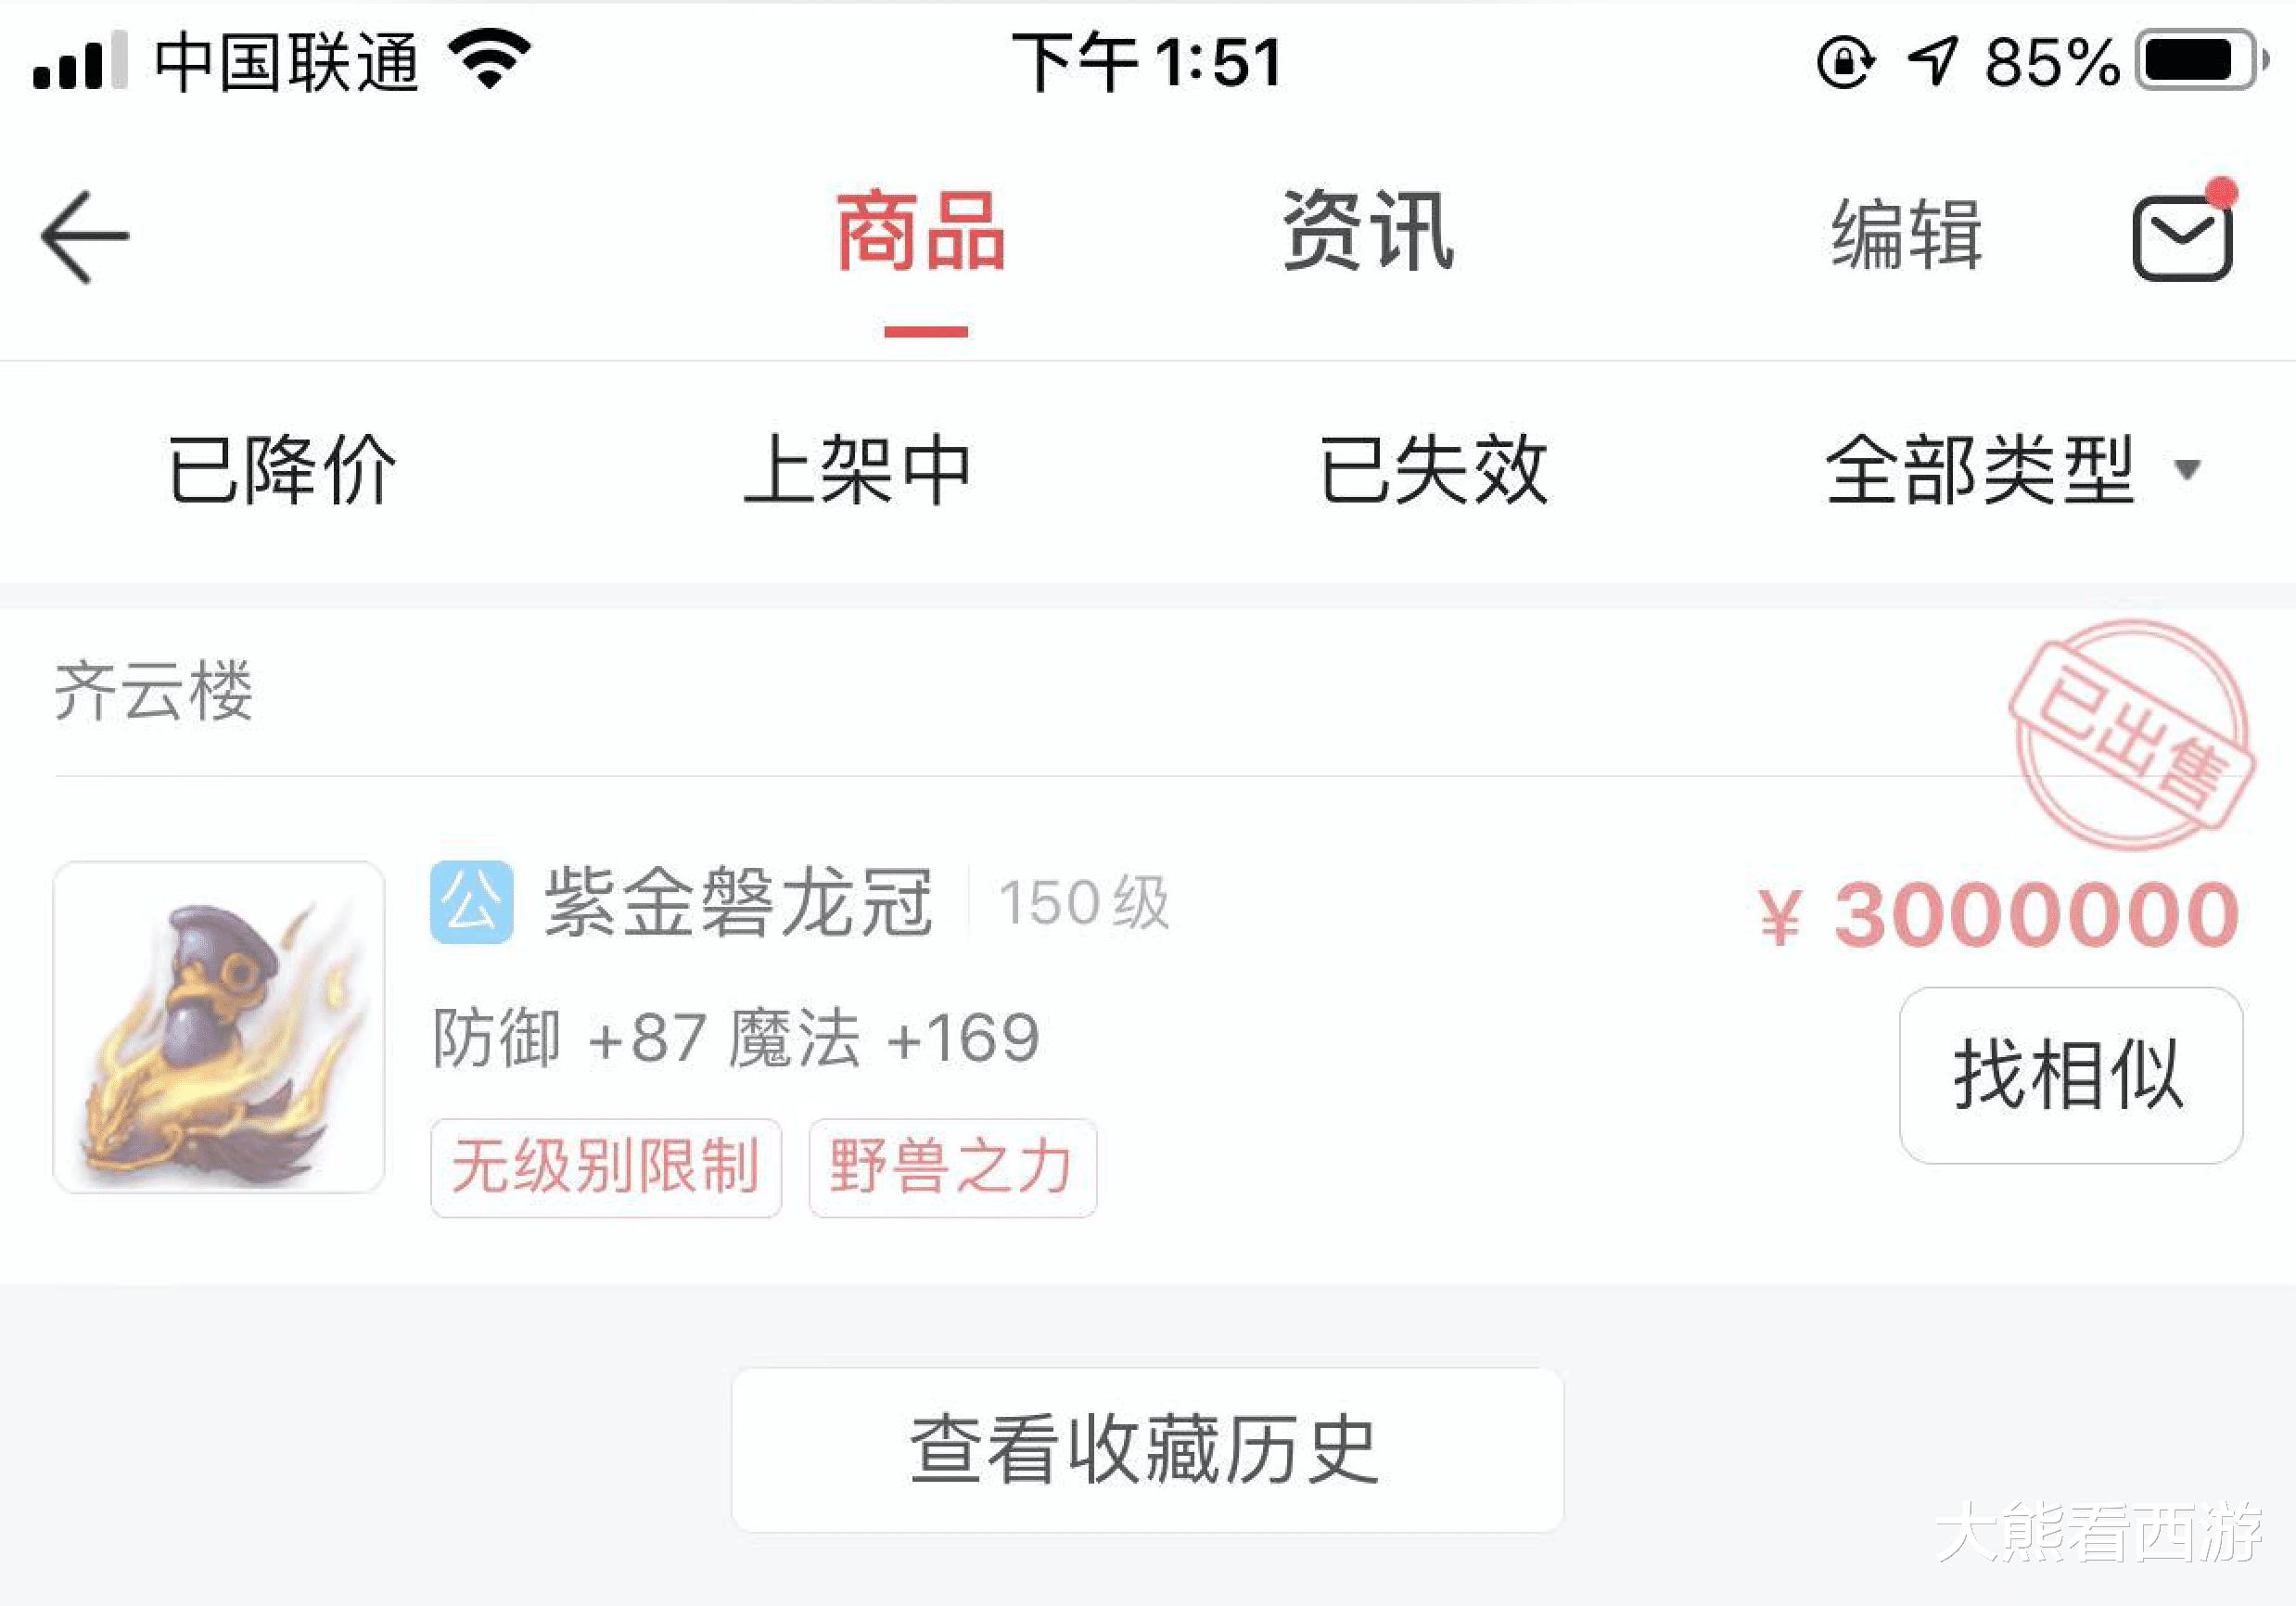 《【手机煜星注册】梦幻西游:150级无级别野兽男头被89级土豪买下,最终成交价300万元》